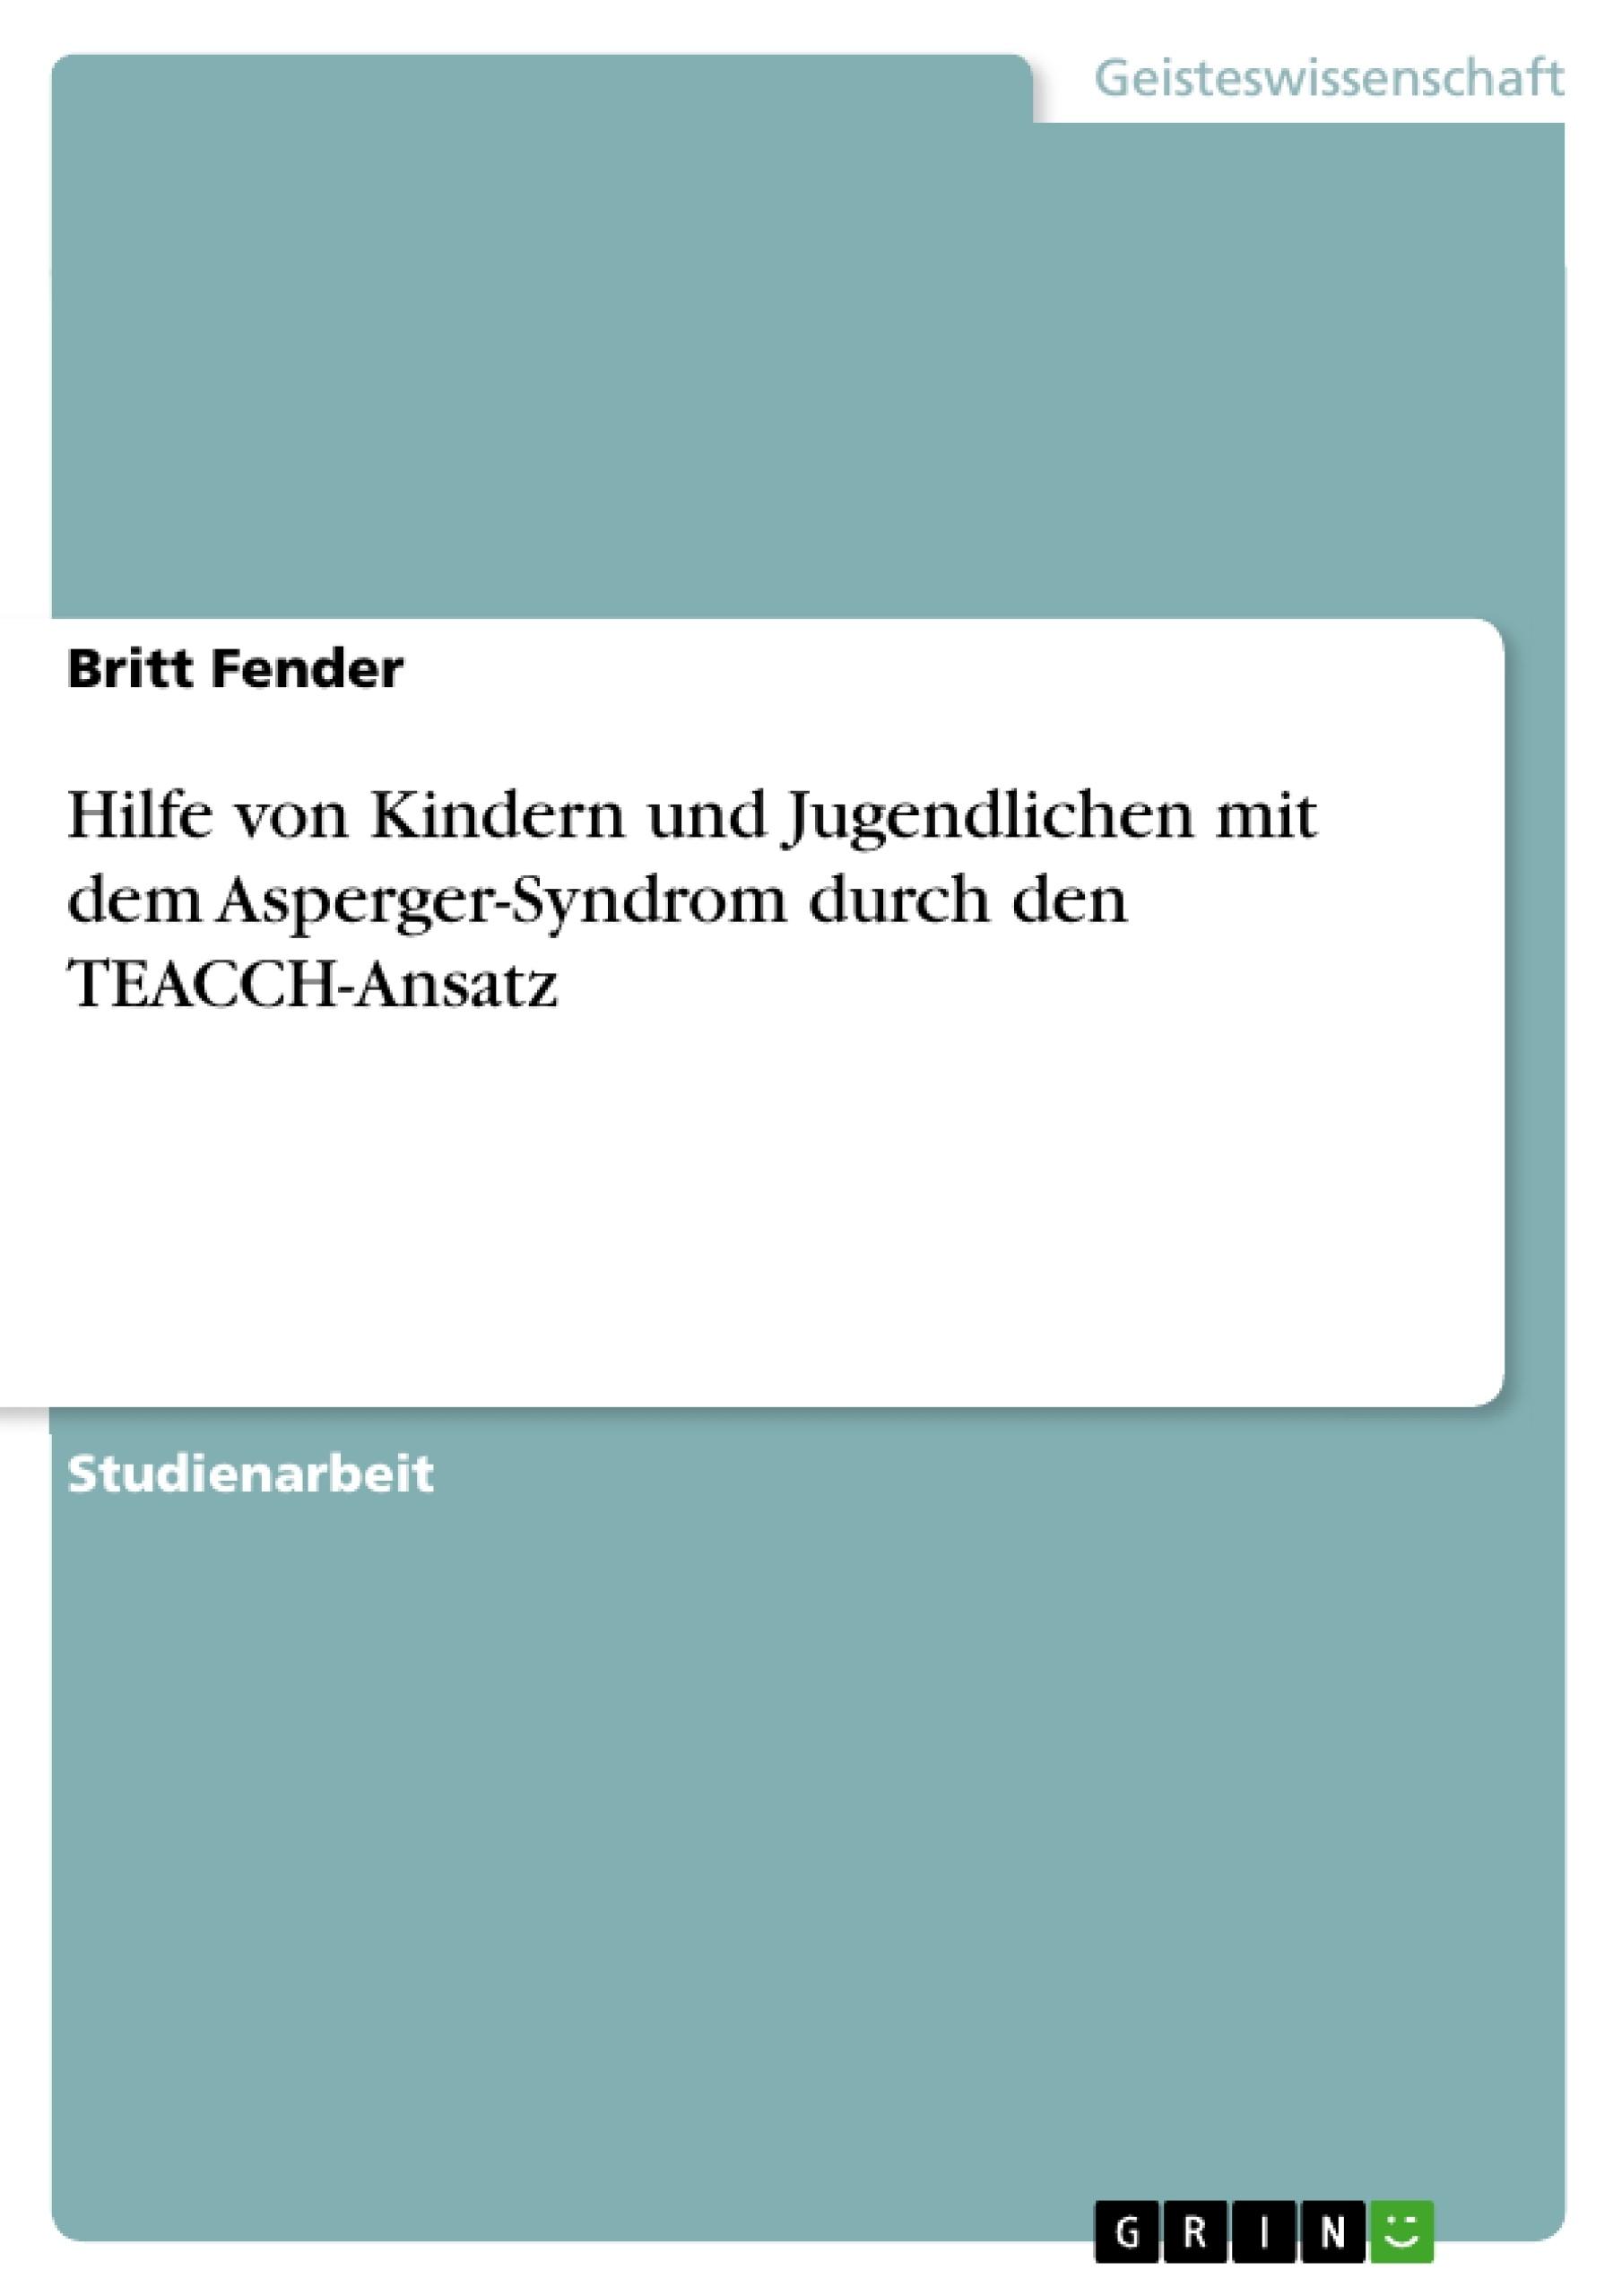 Titel: Hilfe von Kindern und Jugendlichen mit dem Asperger-Syndrom durch den TEACCH-Ansatz